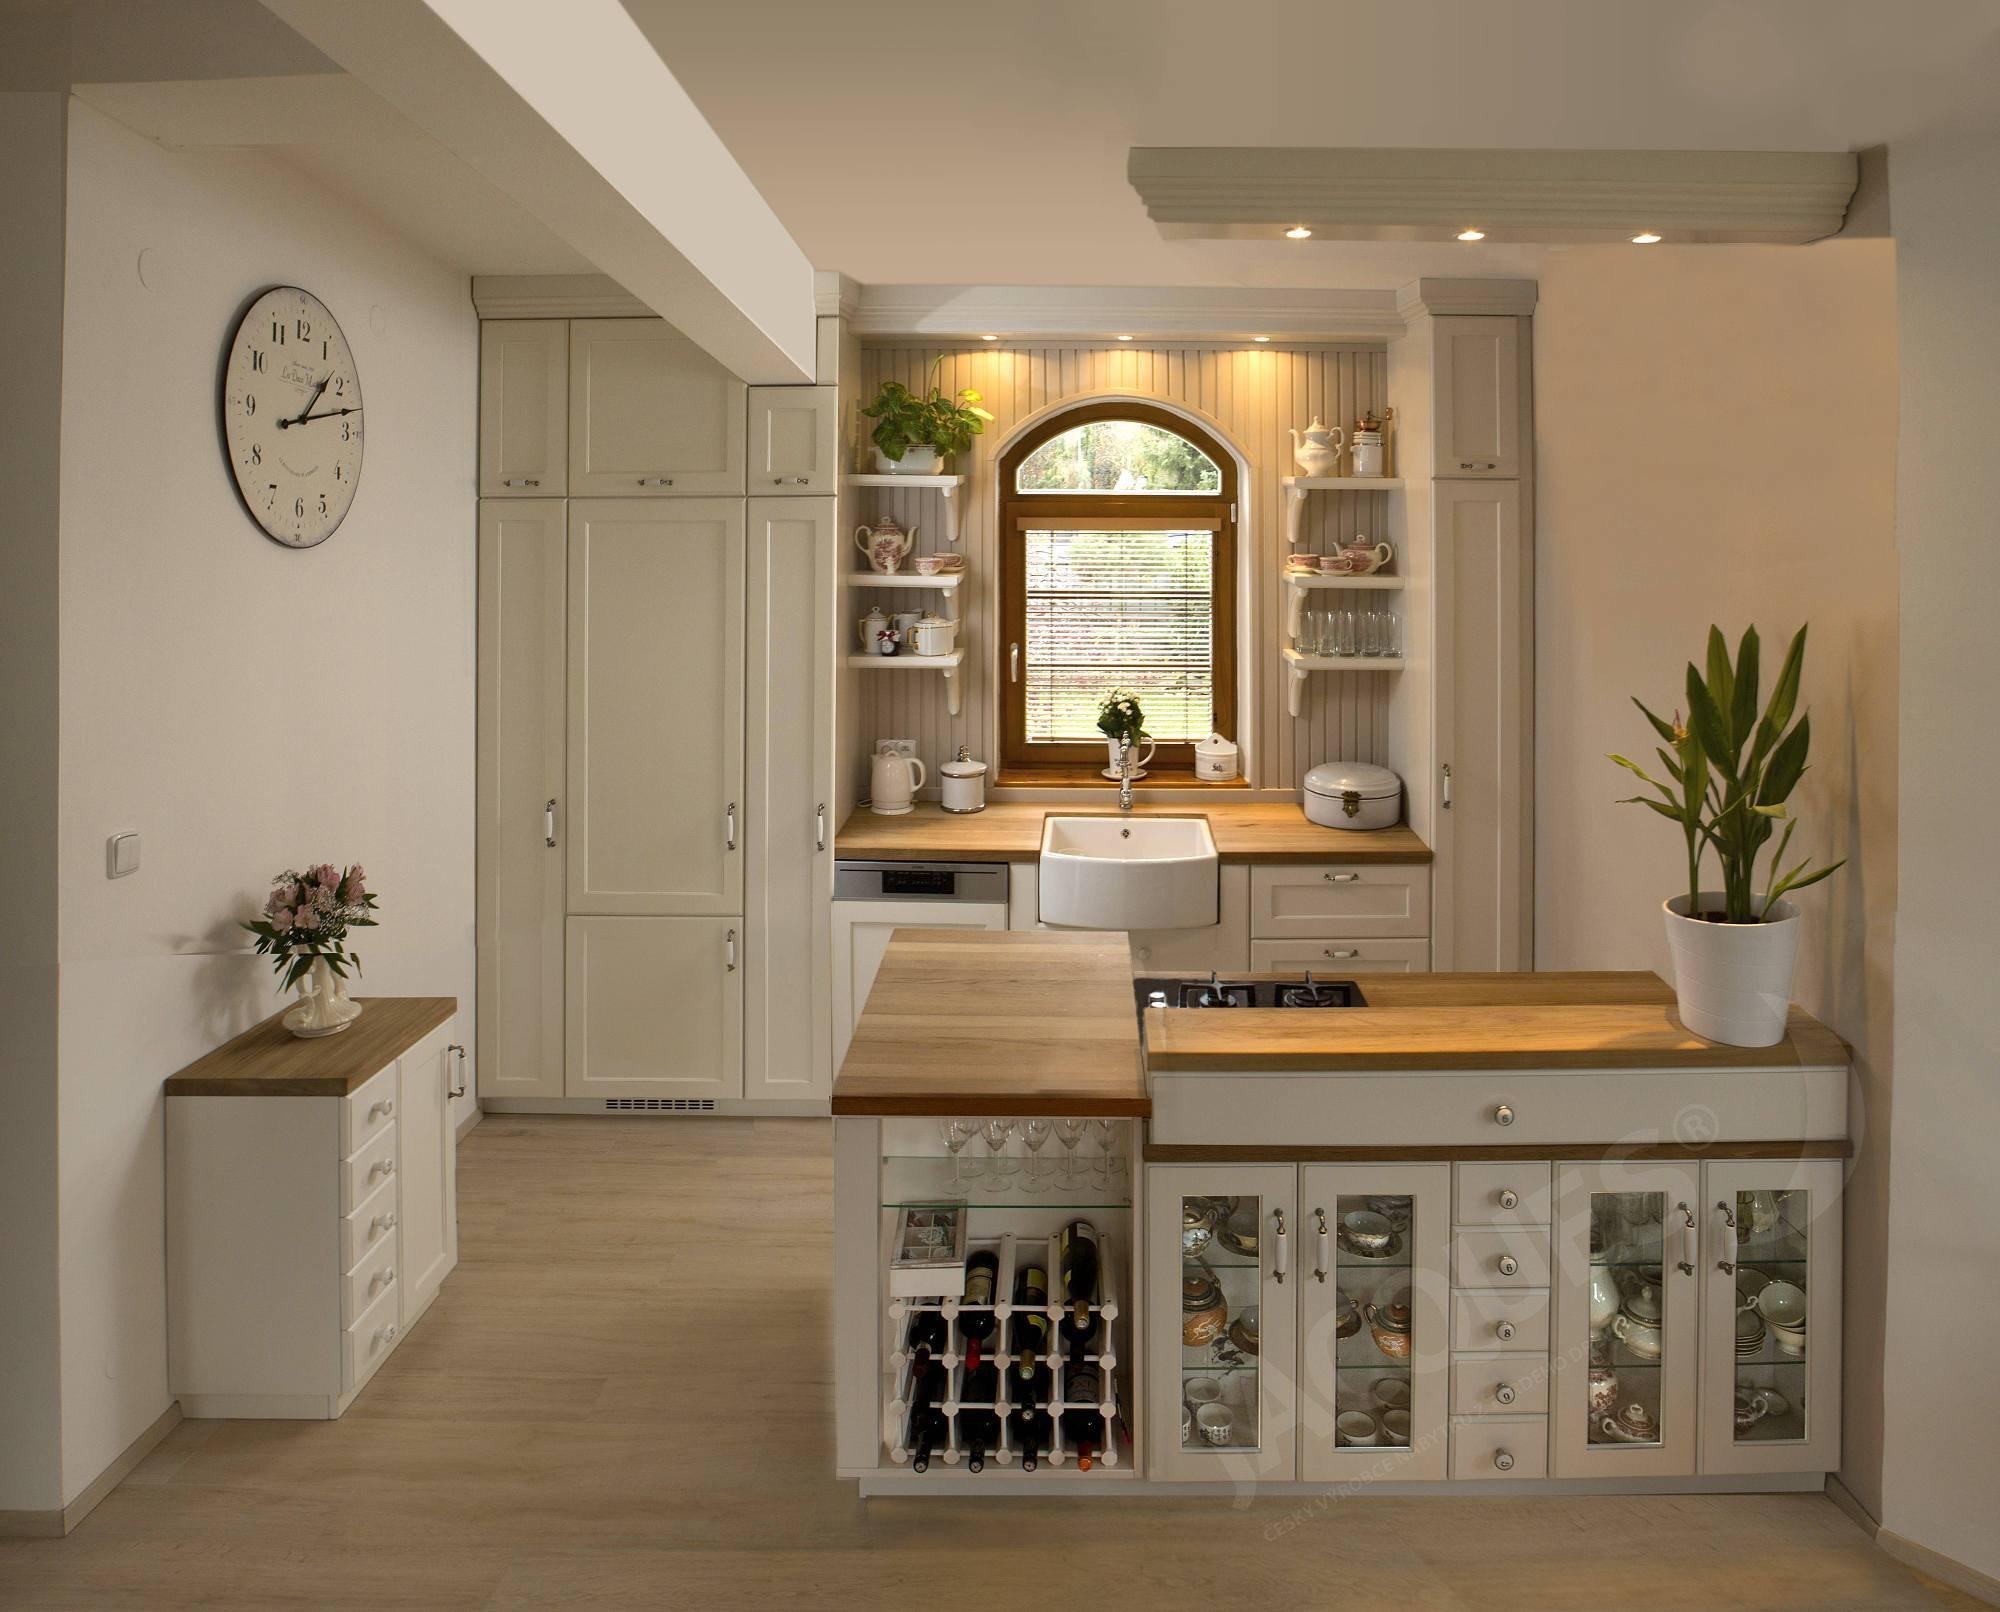 ukázka ralizace kuchyně ve francouzském stylu